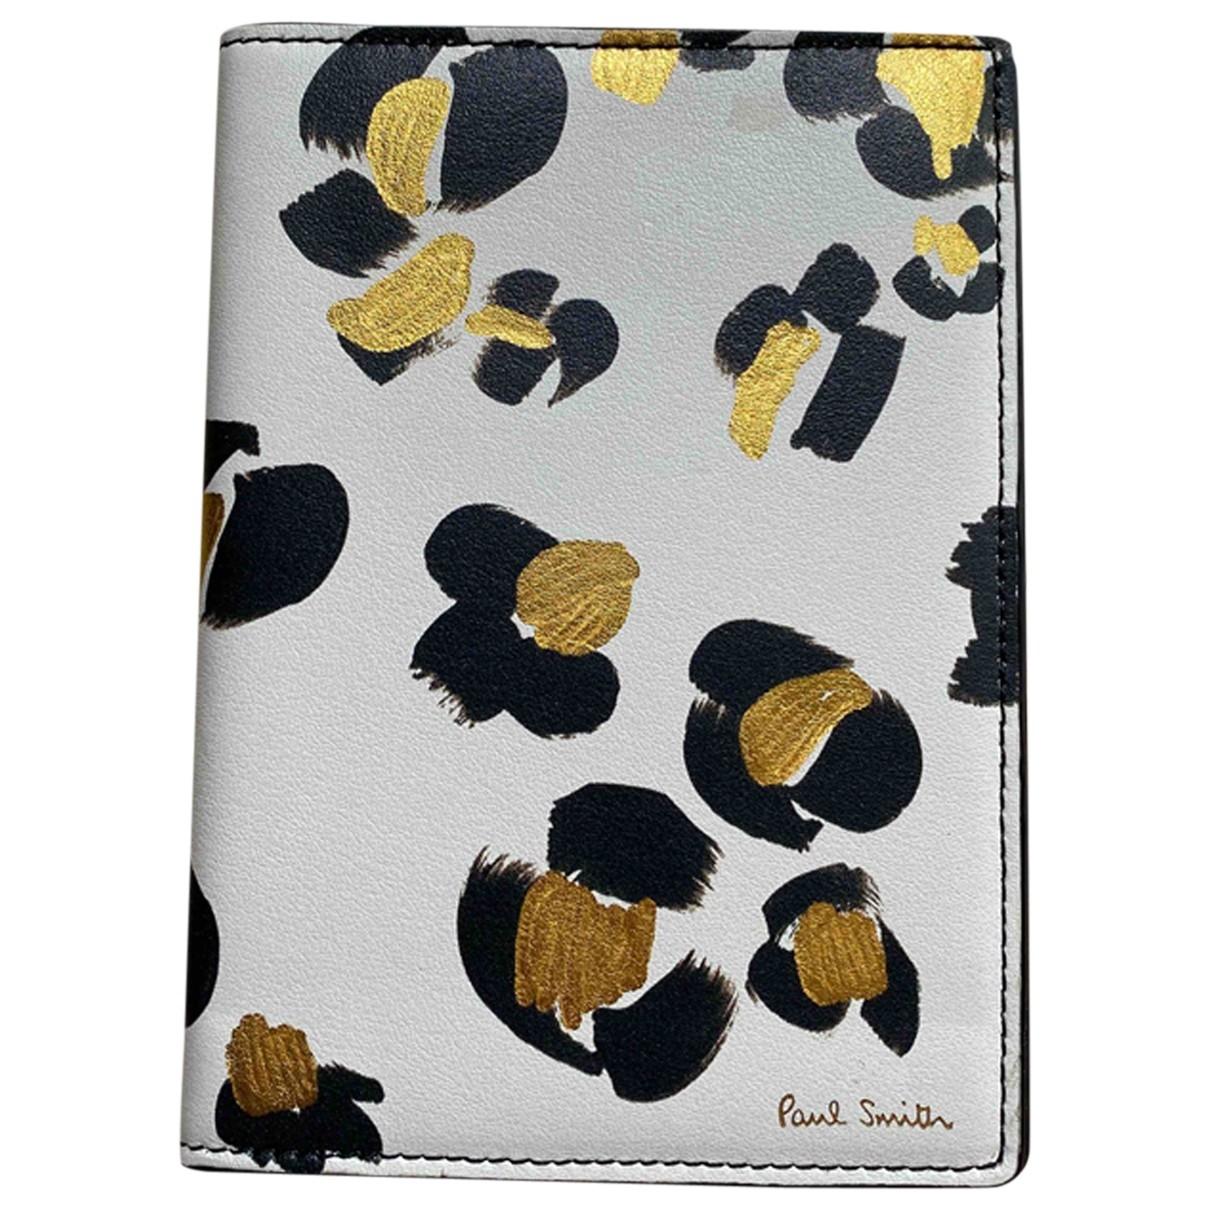 Paul Smith - Petite maroquinerie   pour femme en cuir - blanc